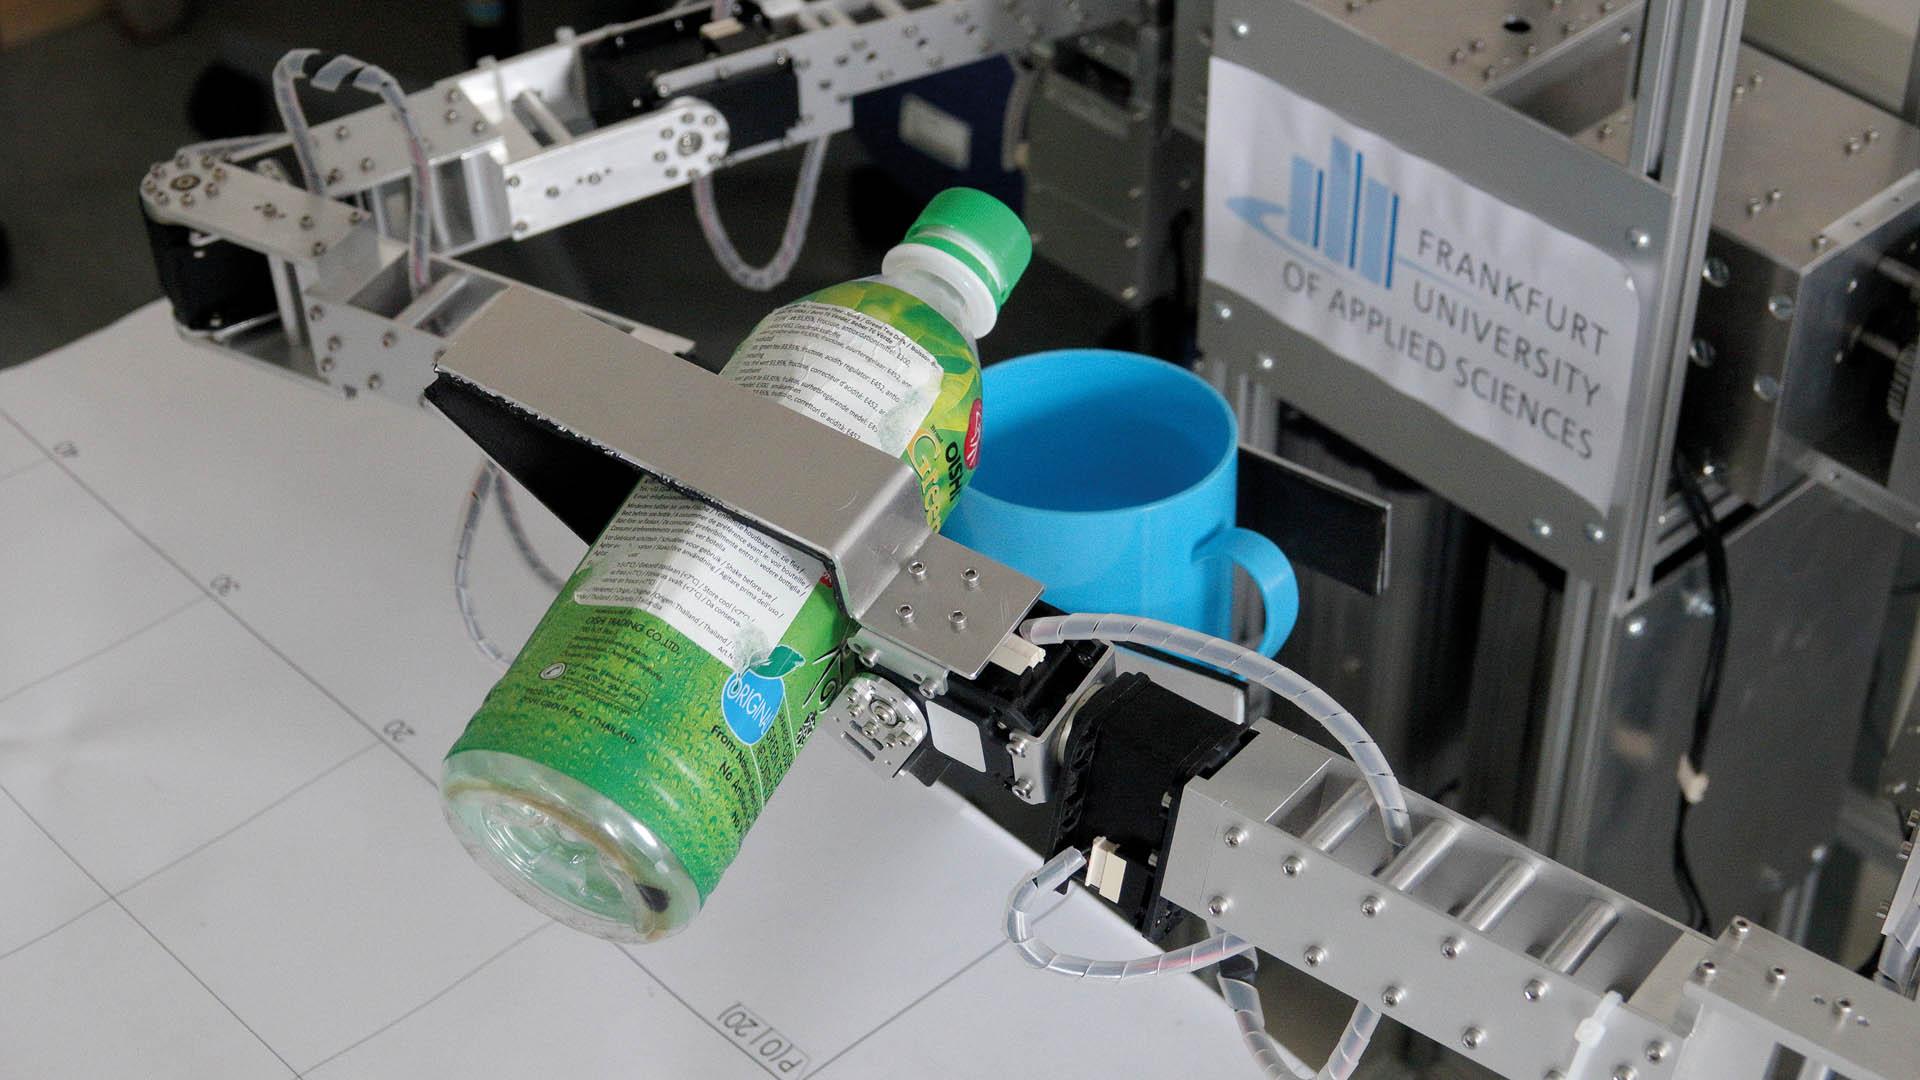 ... einmal einschenken bitte: An der Frankfurt University of Applied Science forschen Wissenschaftler an Robotern, die dem Menschen im Alltag zur Hand gehen.